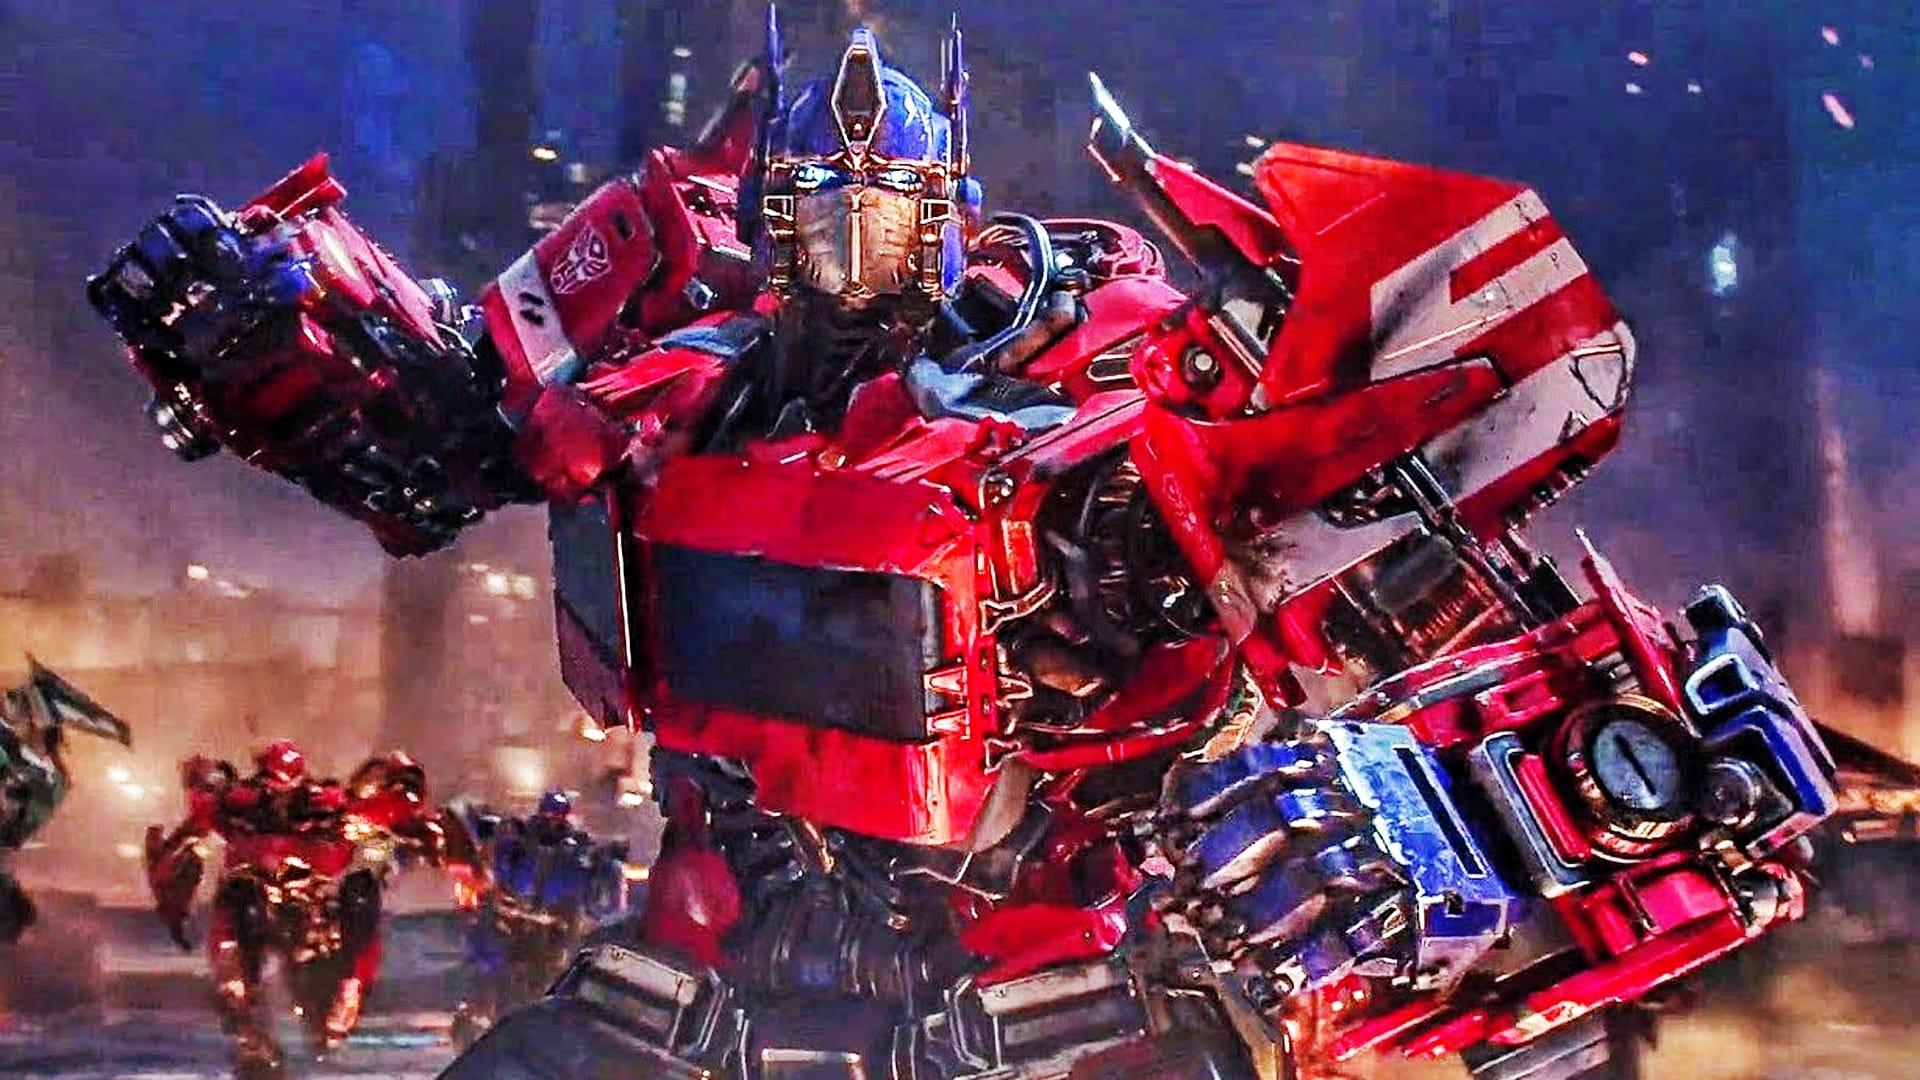 animovaný Transformers film